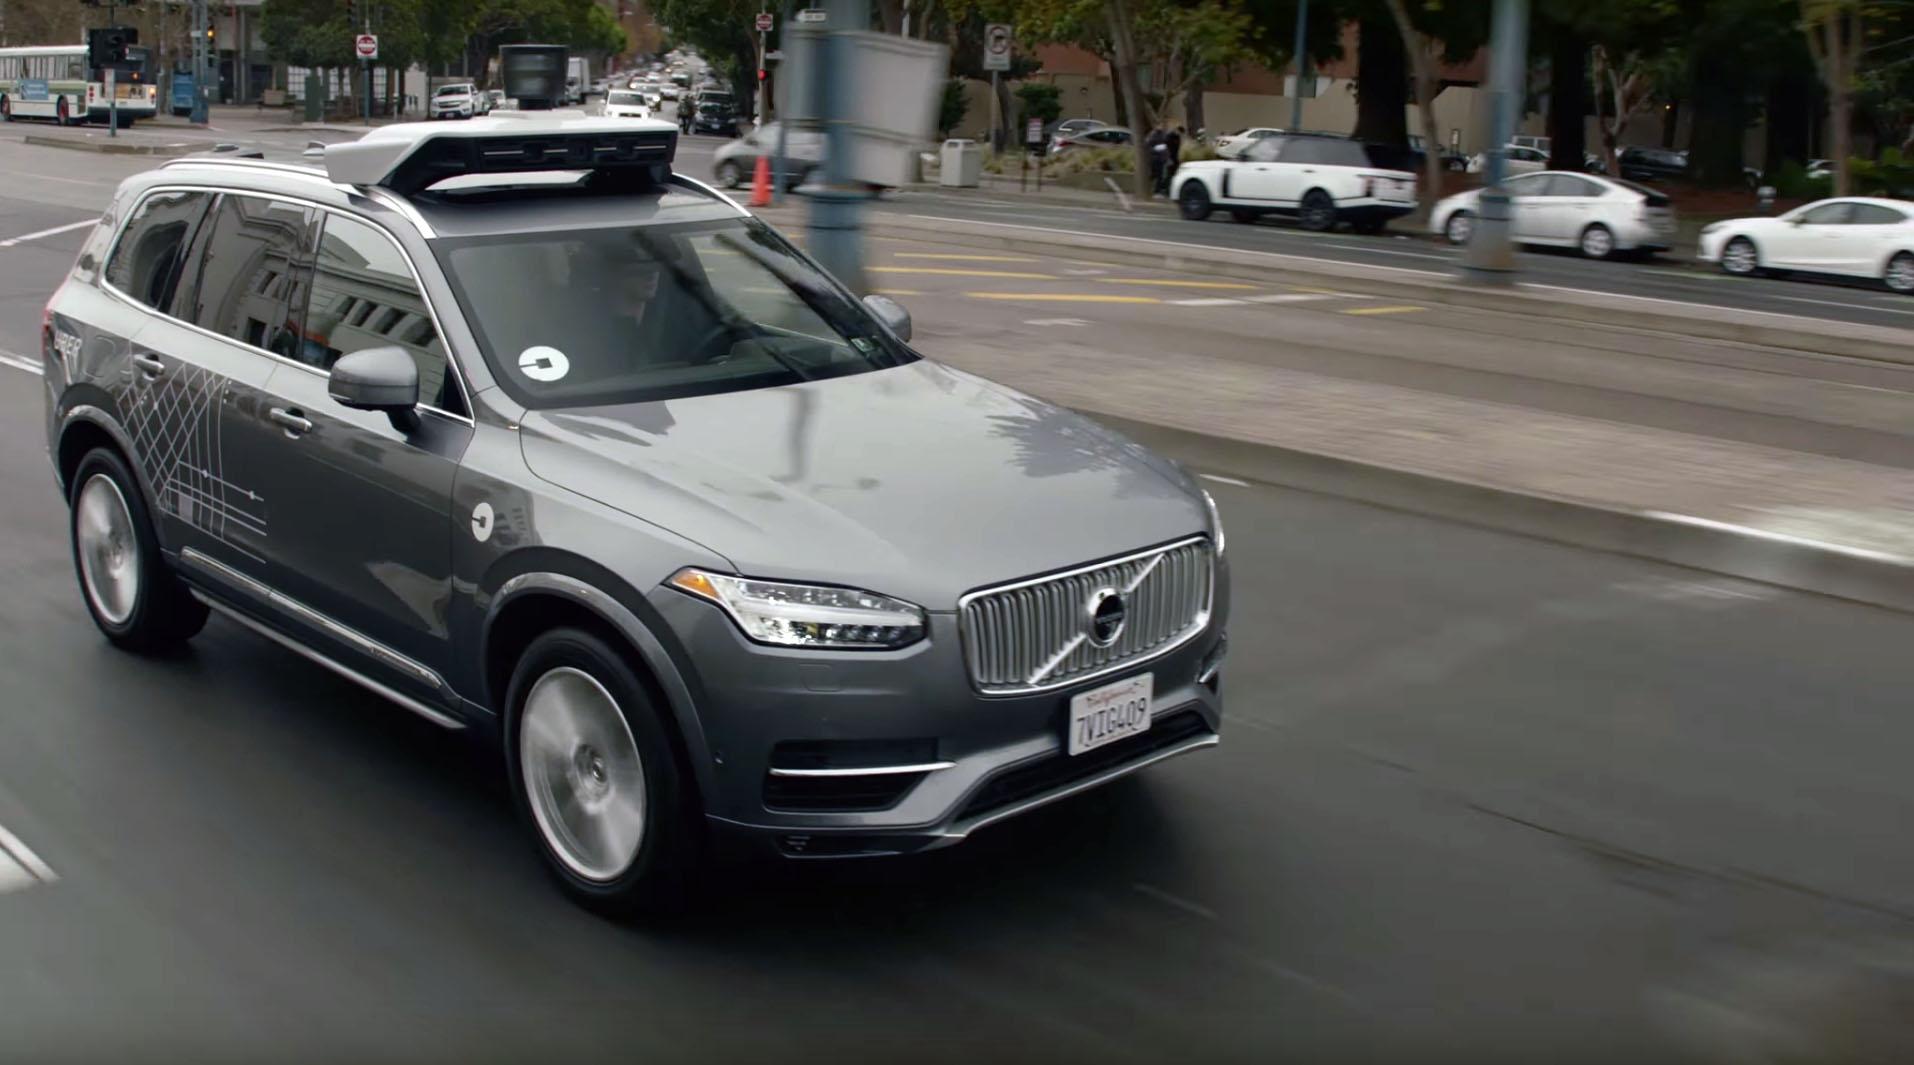 Ikke så selvkjørende likevel. Uber mener de selvkjørende bilene deres fungerer mer som Teslas autopilot.